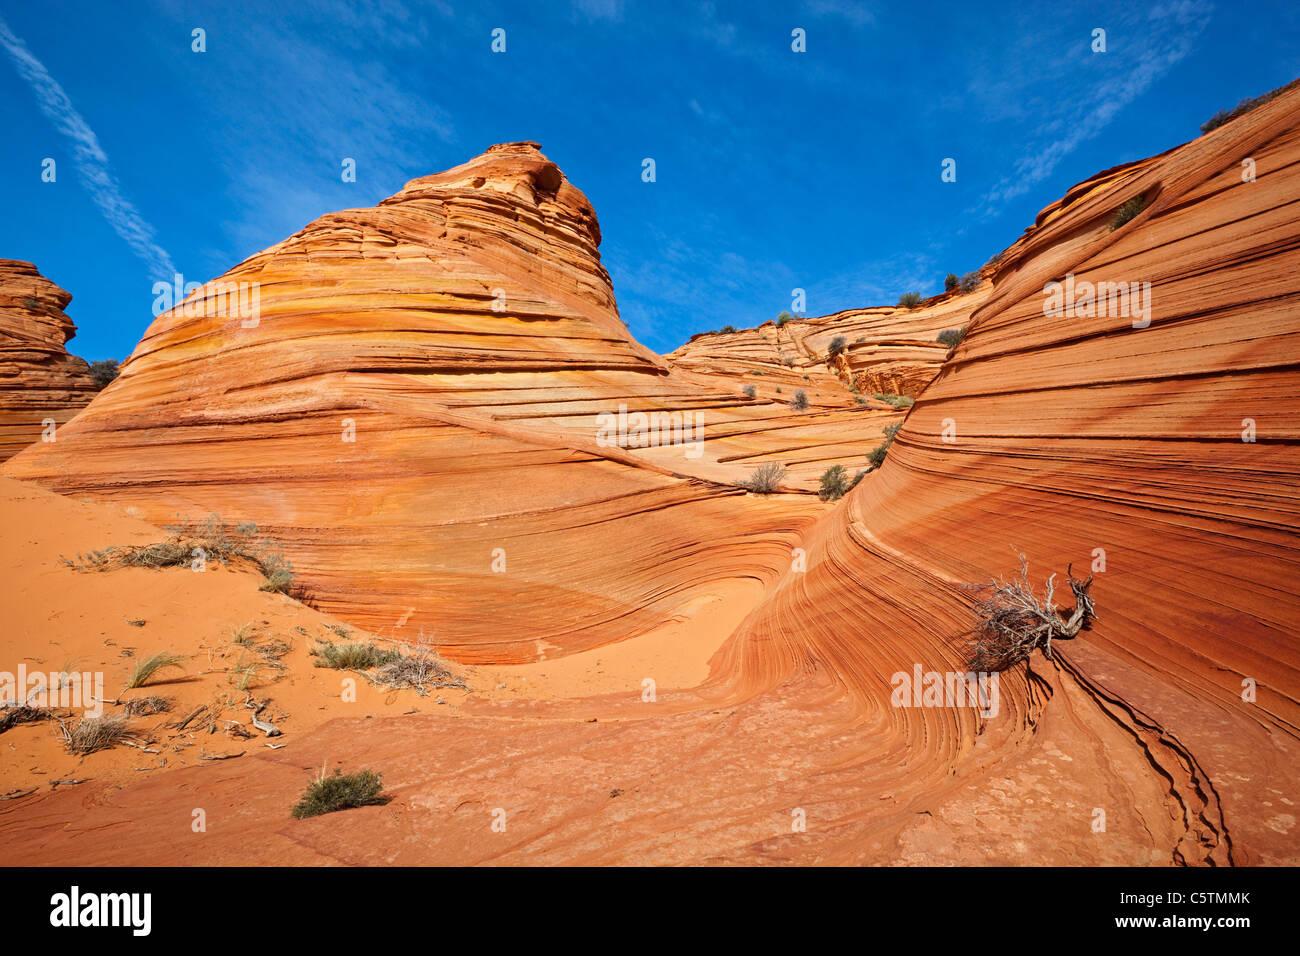 Stati Uniti d'America, Utah, Sud Coyote Buttes, Paria Canyon, formazioni rocciose Immagini Stock